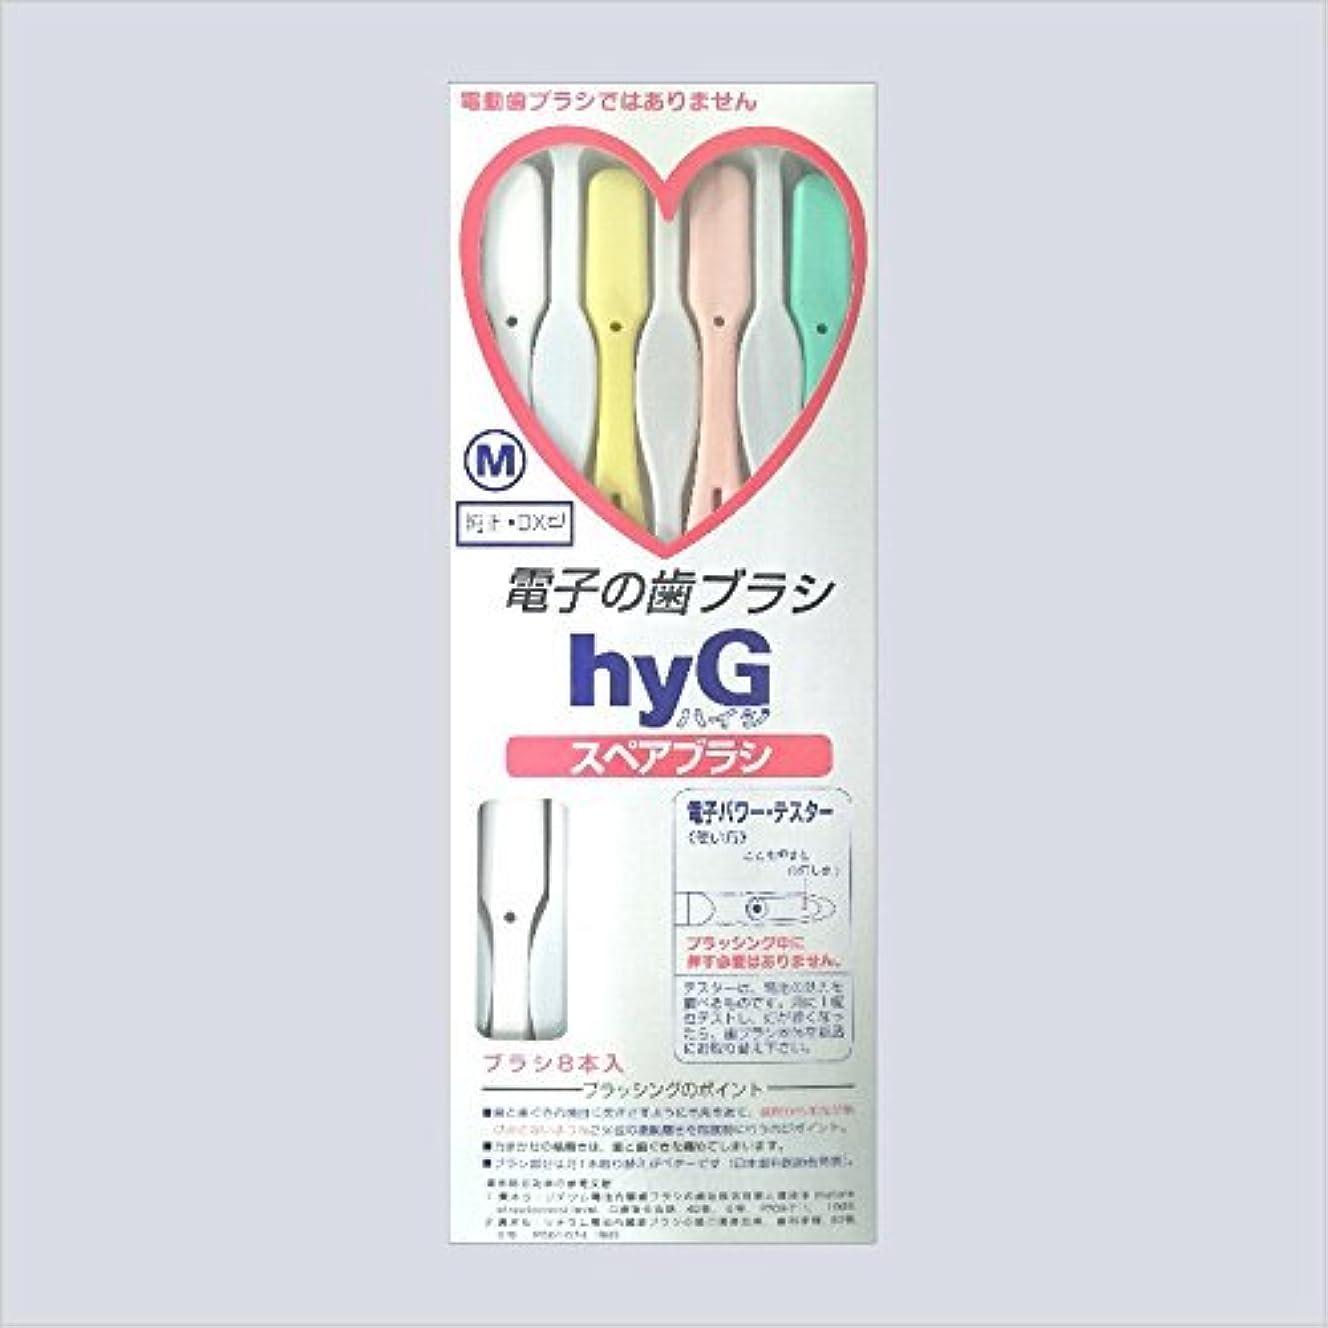 トマト新しさ反対した電子の歯ブラシ ハイジ(hyG)?スペアブラシ <ブラシの硬さ:Mふつう> (※こちらは「スペアブラシ」です )?hyG-DX型